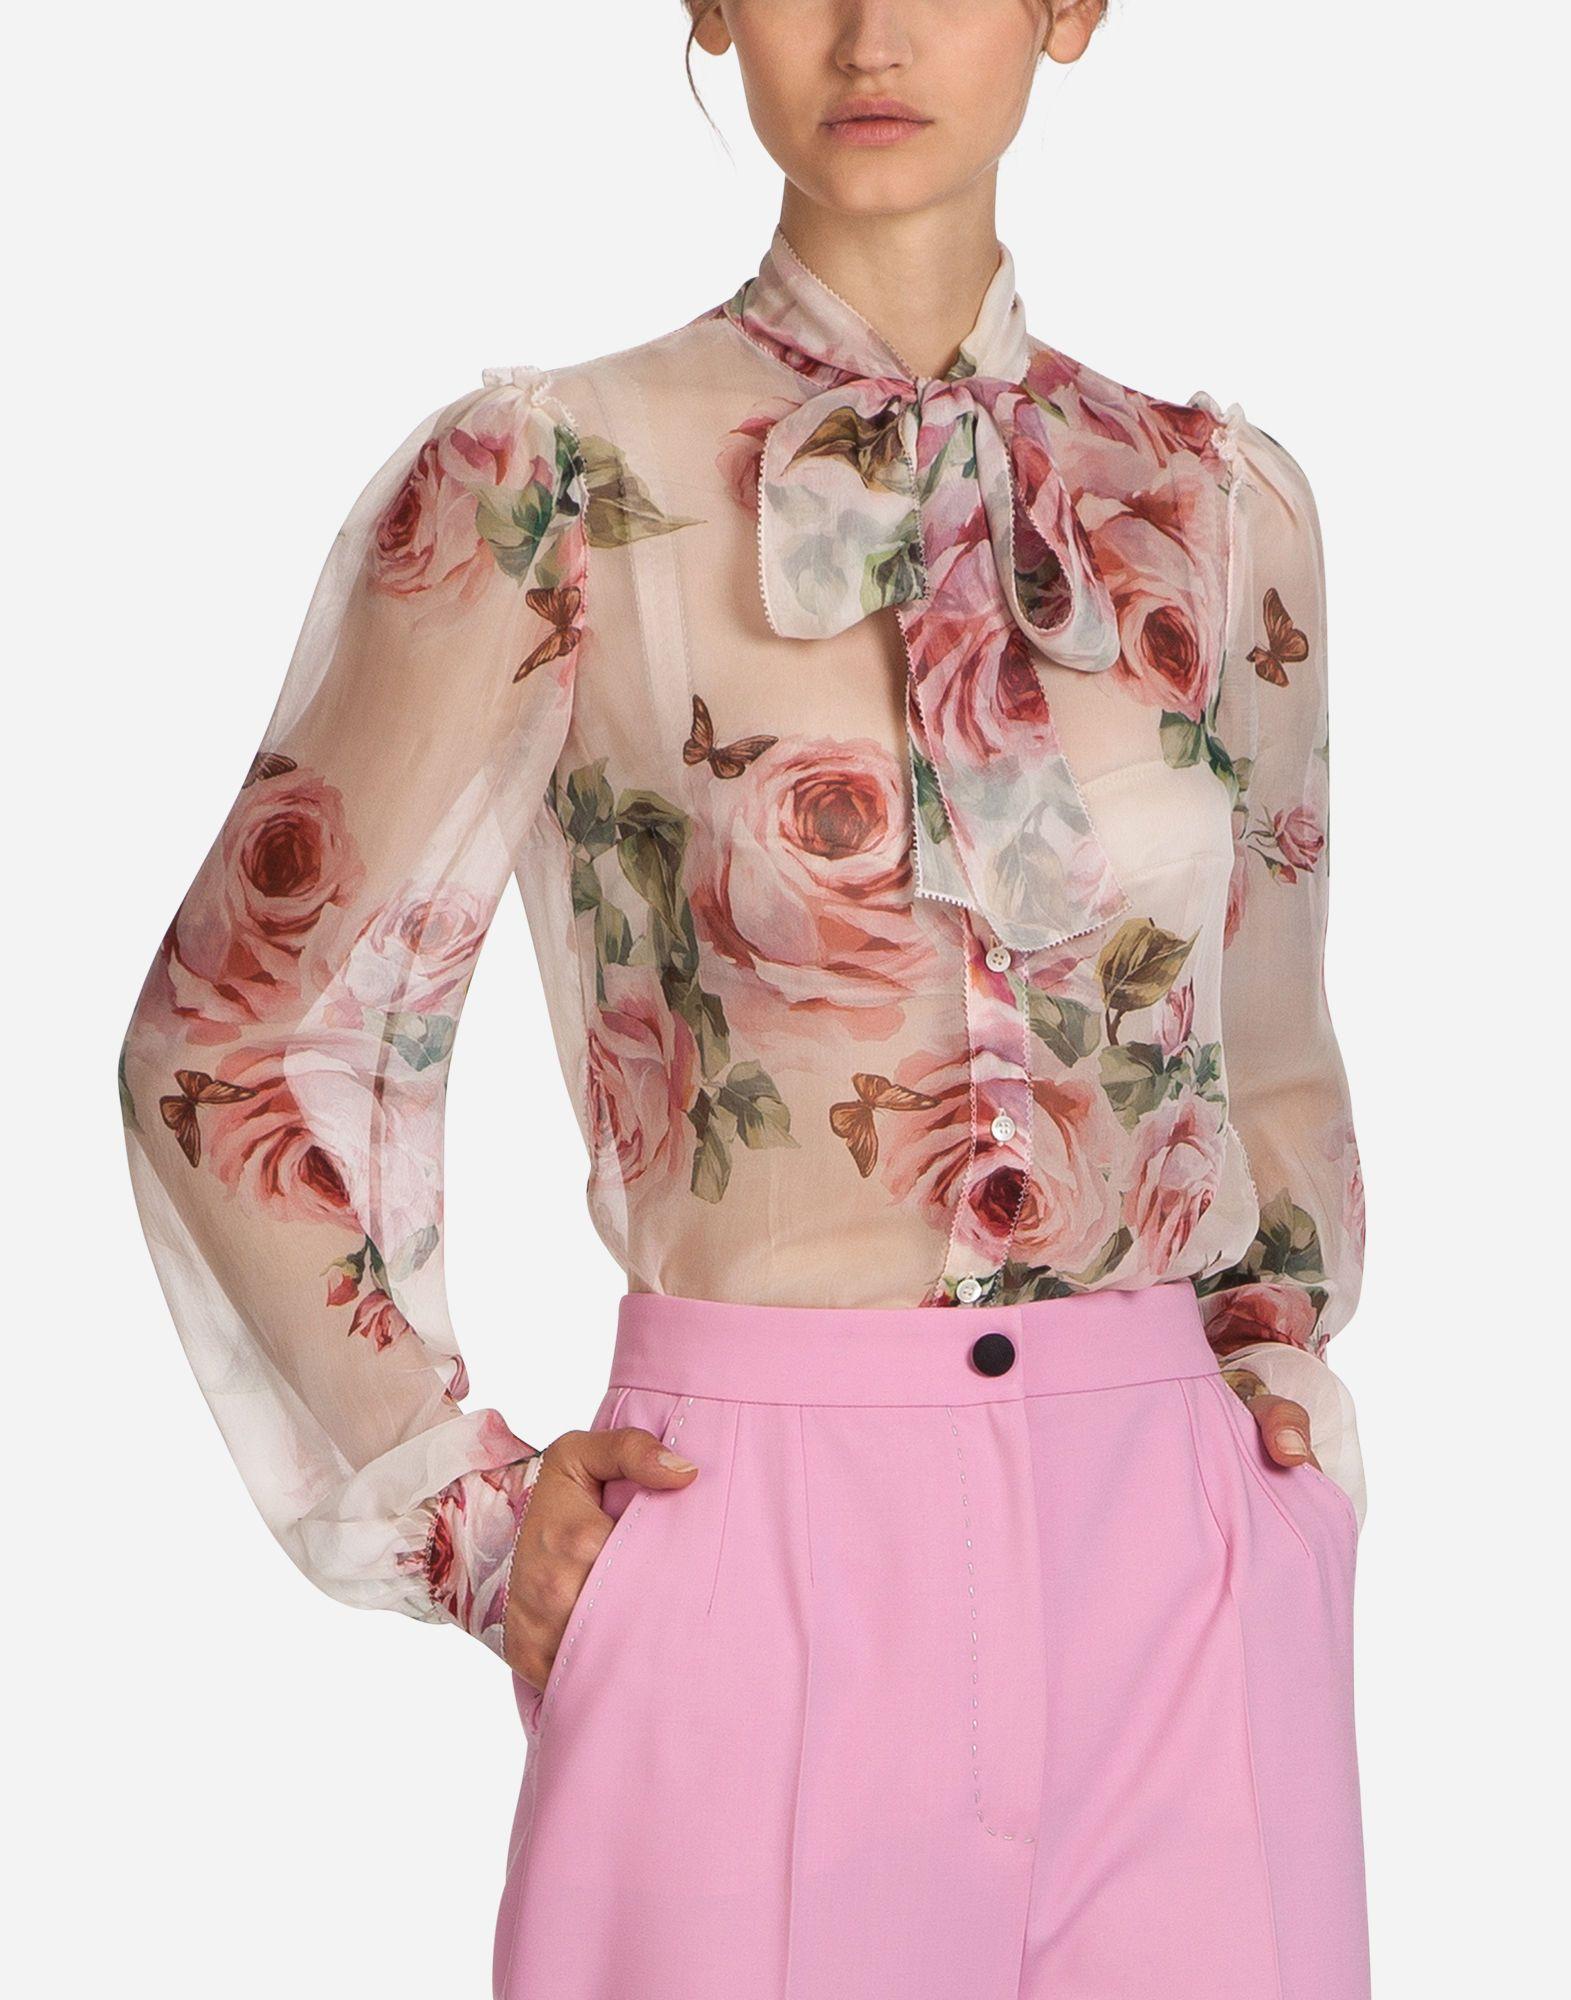 Printed Silk Shirt, Pink | Kleidung - Blusen und Tunika / Blouses ...